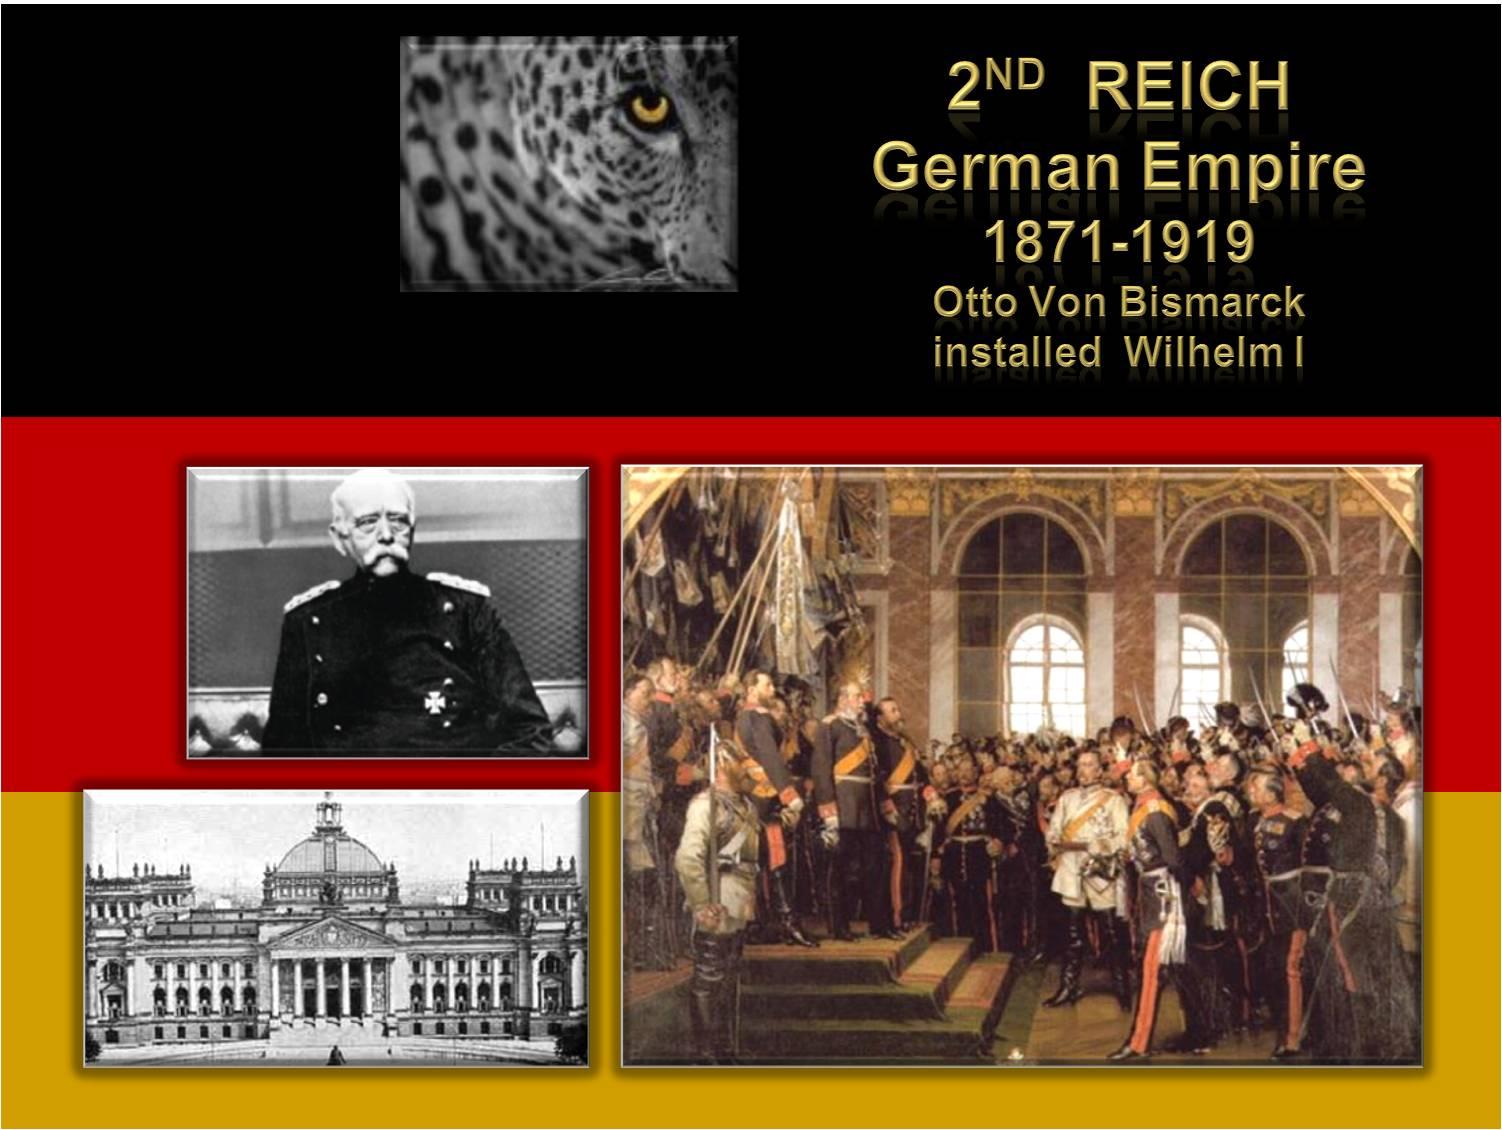 Second Reich